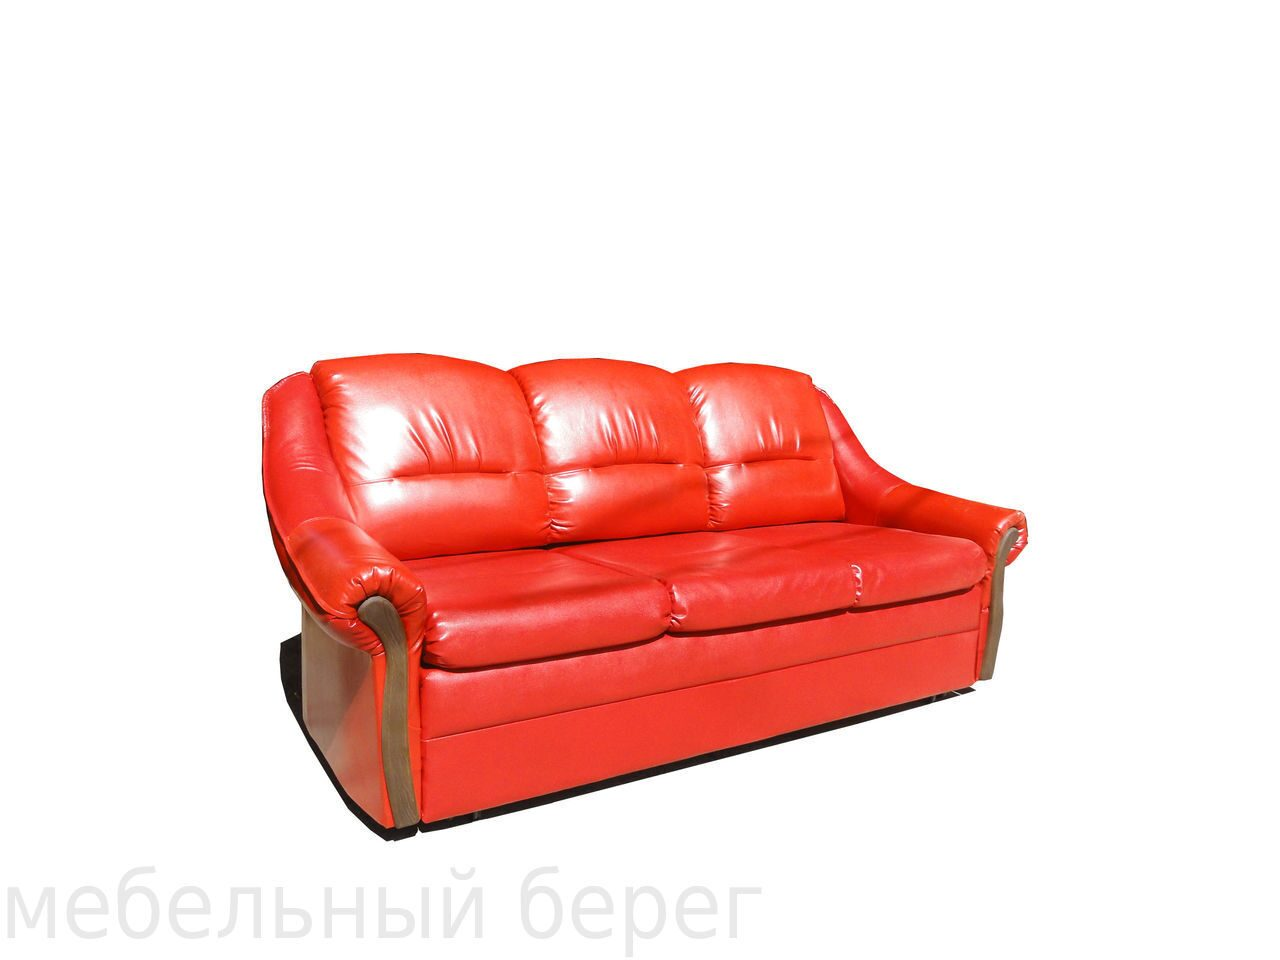 Купить диван ве Москва